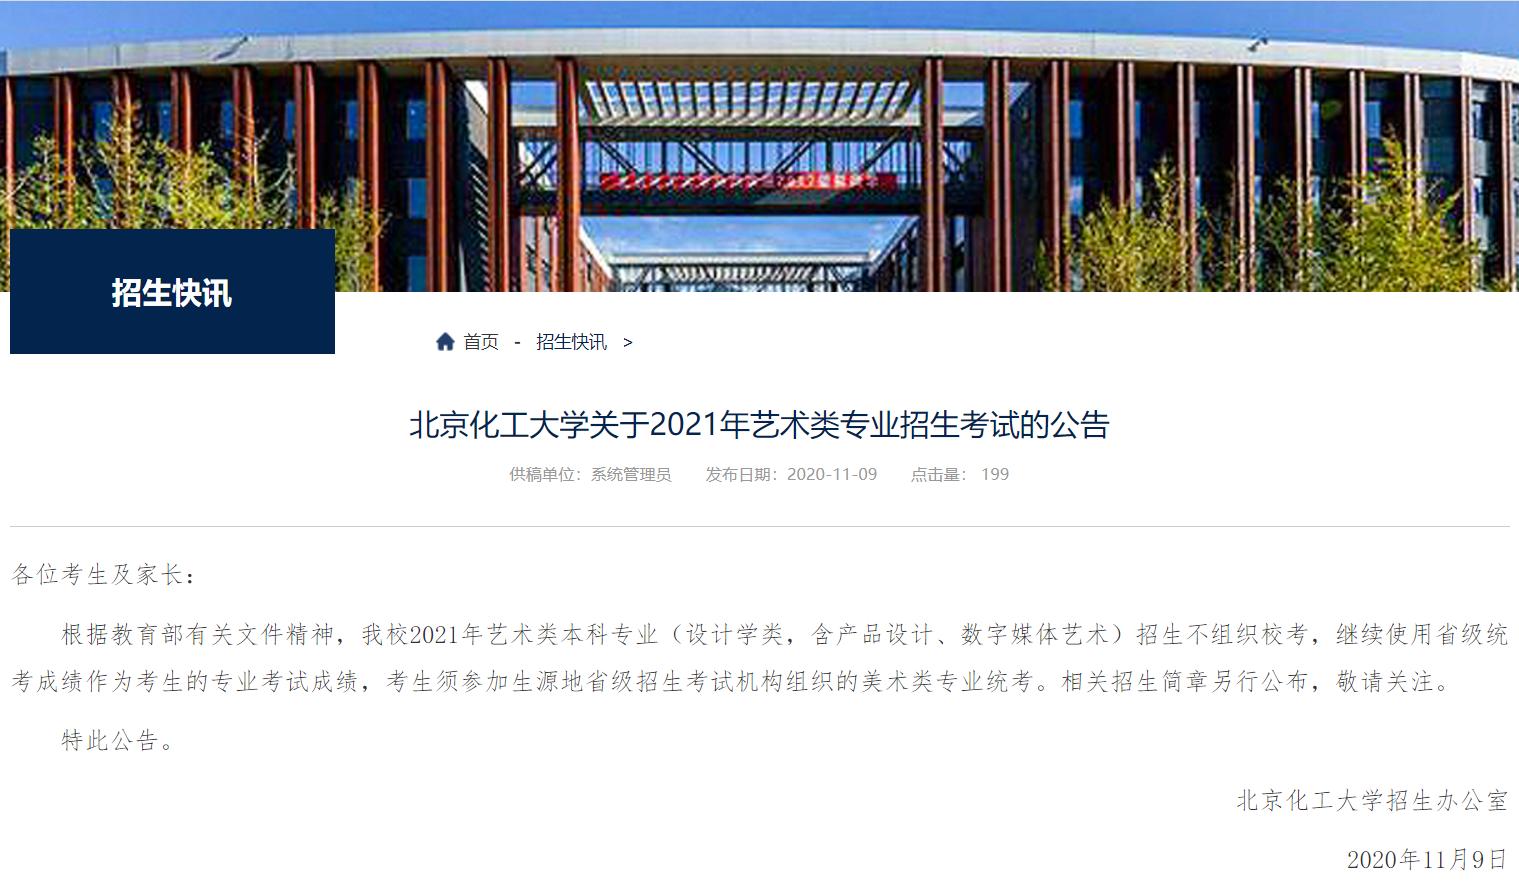 【艺考快讯】北京化工大学关于2021年艺术类专业招生考试的公告